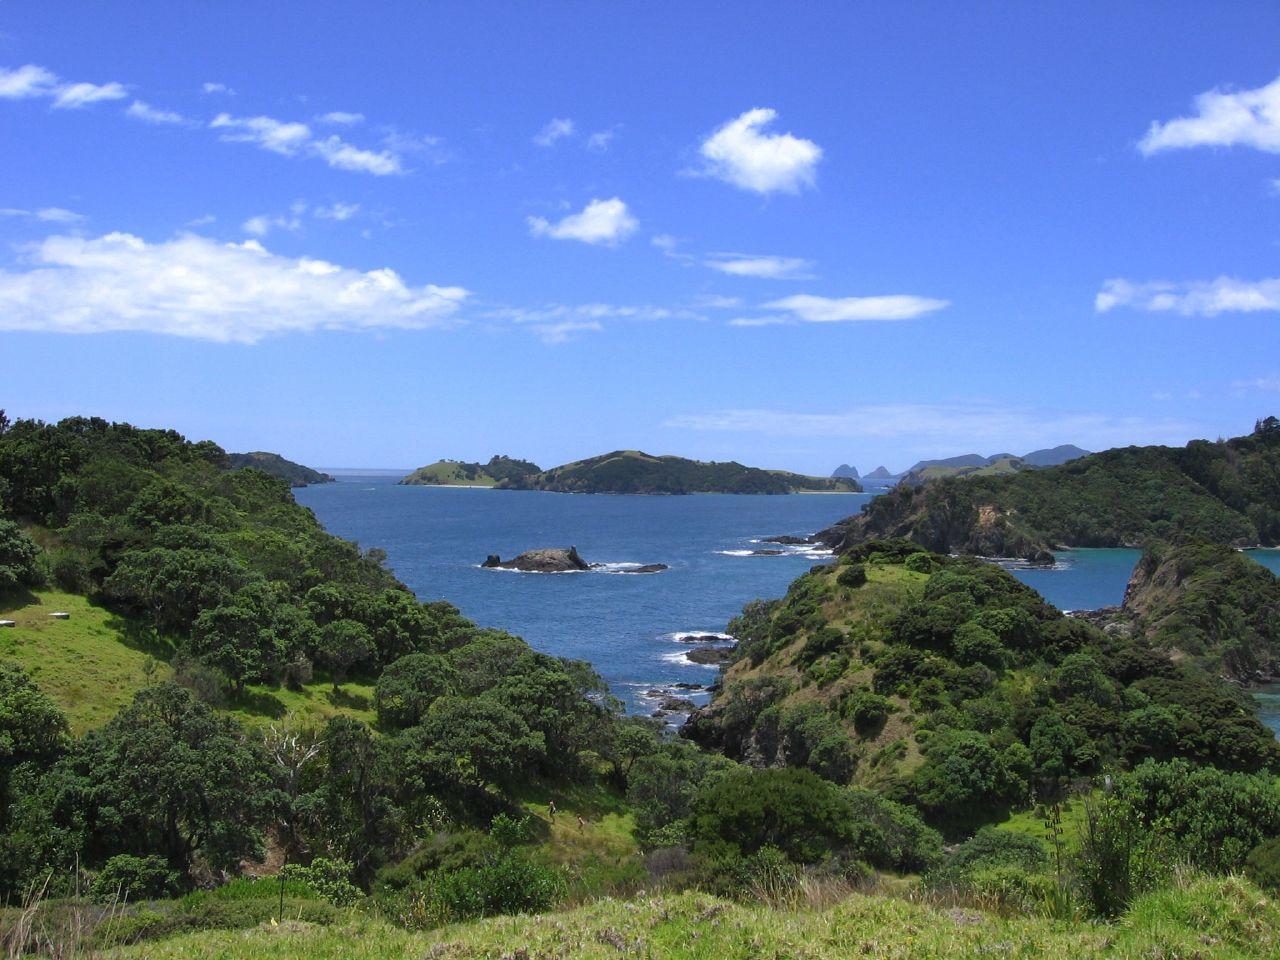 """Résultat de recherche d'images pour """"Bay of Islands, New Zealand"""""""